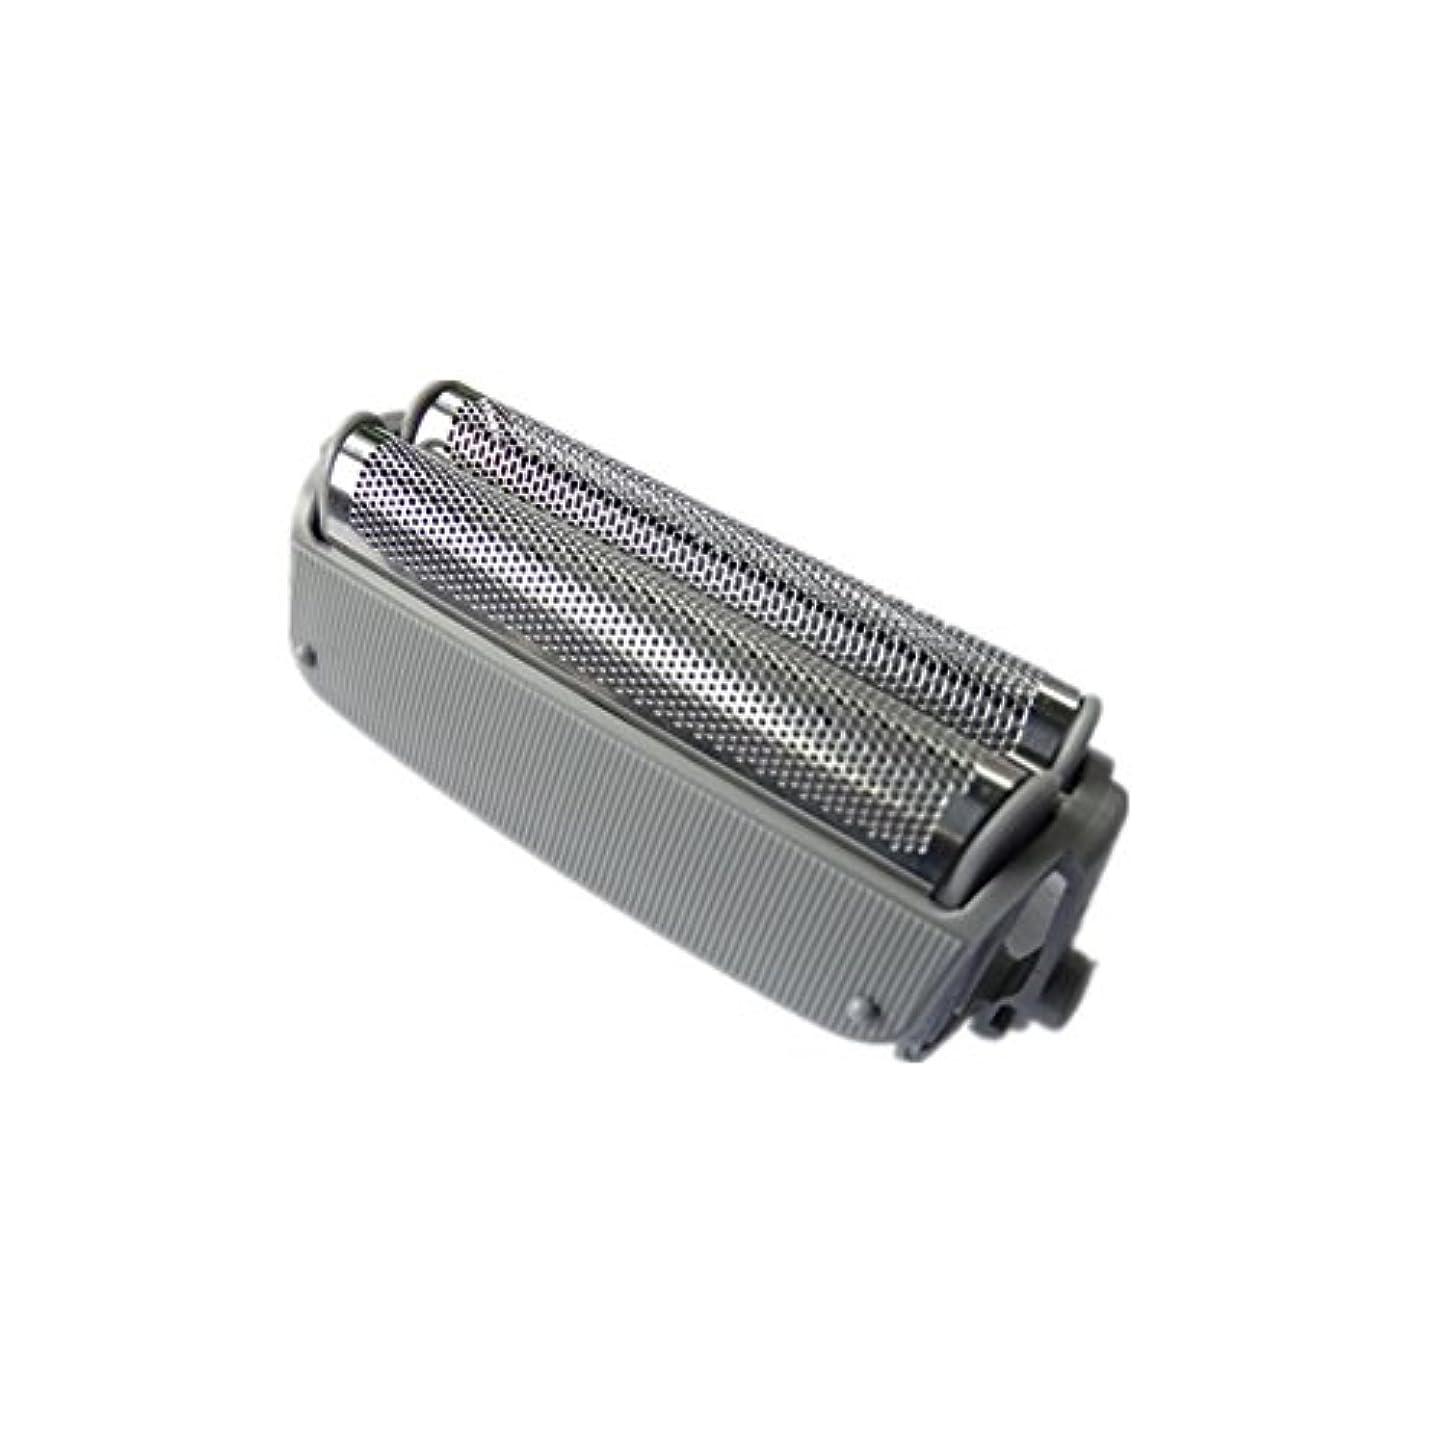 荒涼とした仮称容器HZjundasi Replacement Shaver Outer ホイル for Panasonic?ES4033/4035/4036/4027/RW30